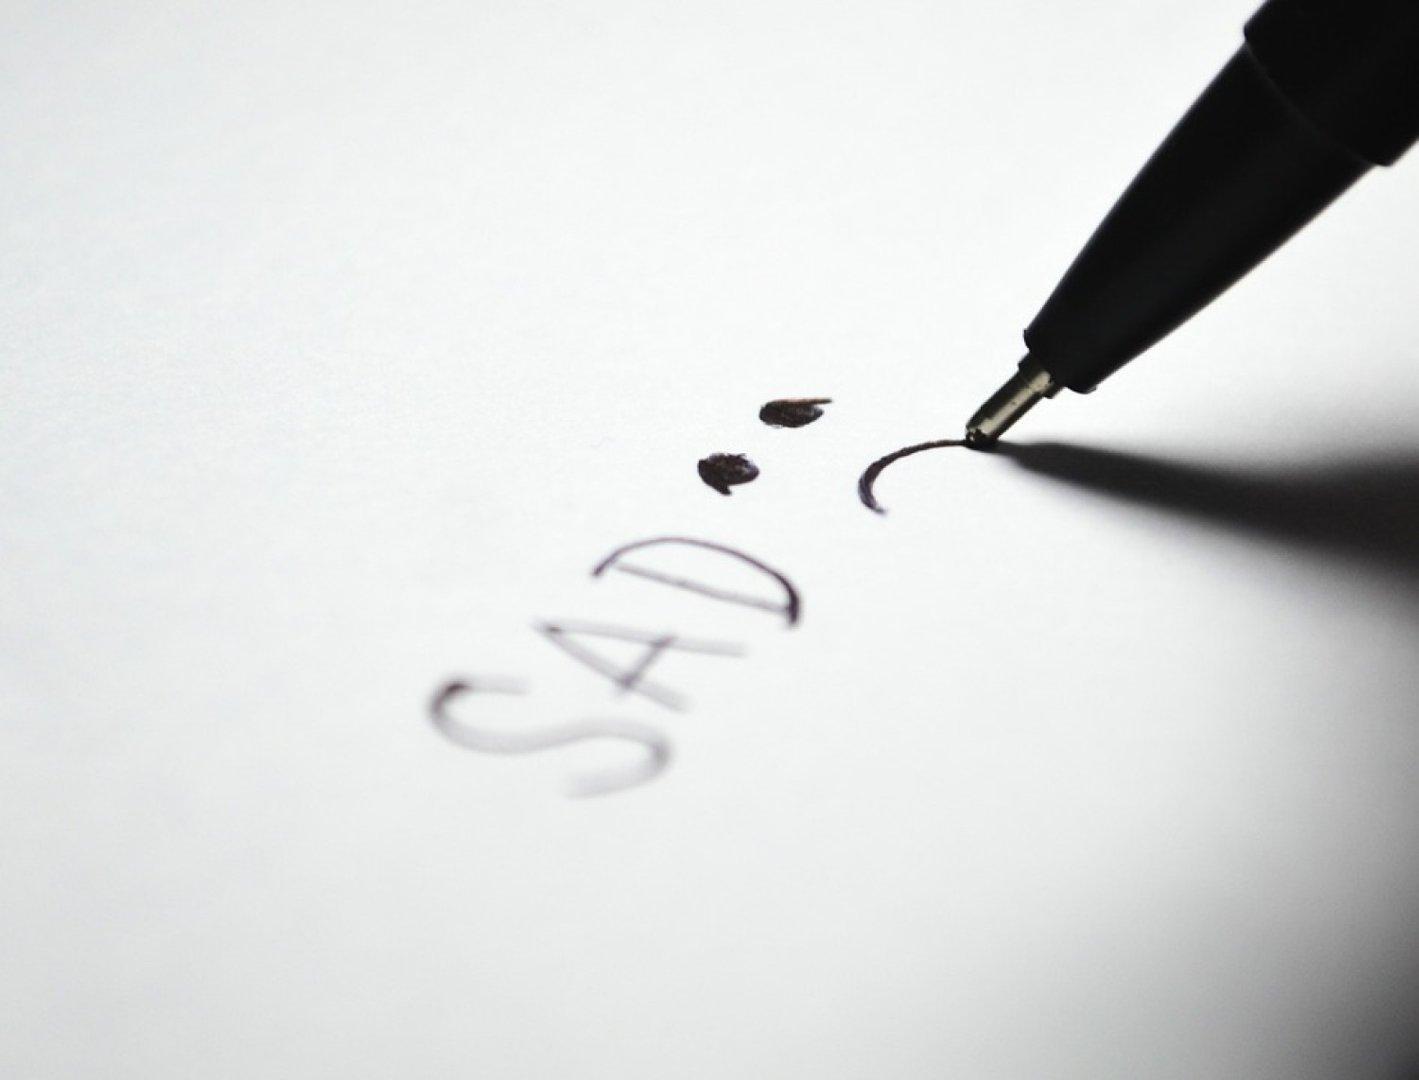 Cytaty Smutne Chcesz Wyrazić Smutek Te Teksty Ci Pomogą